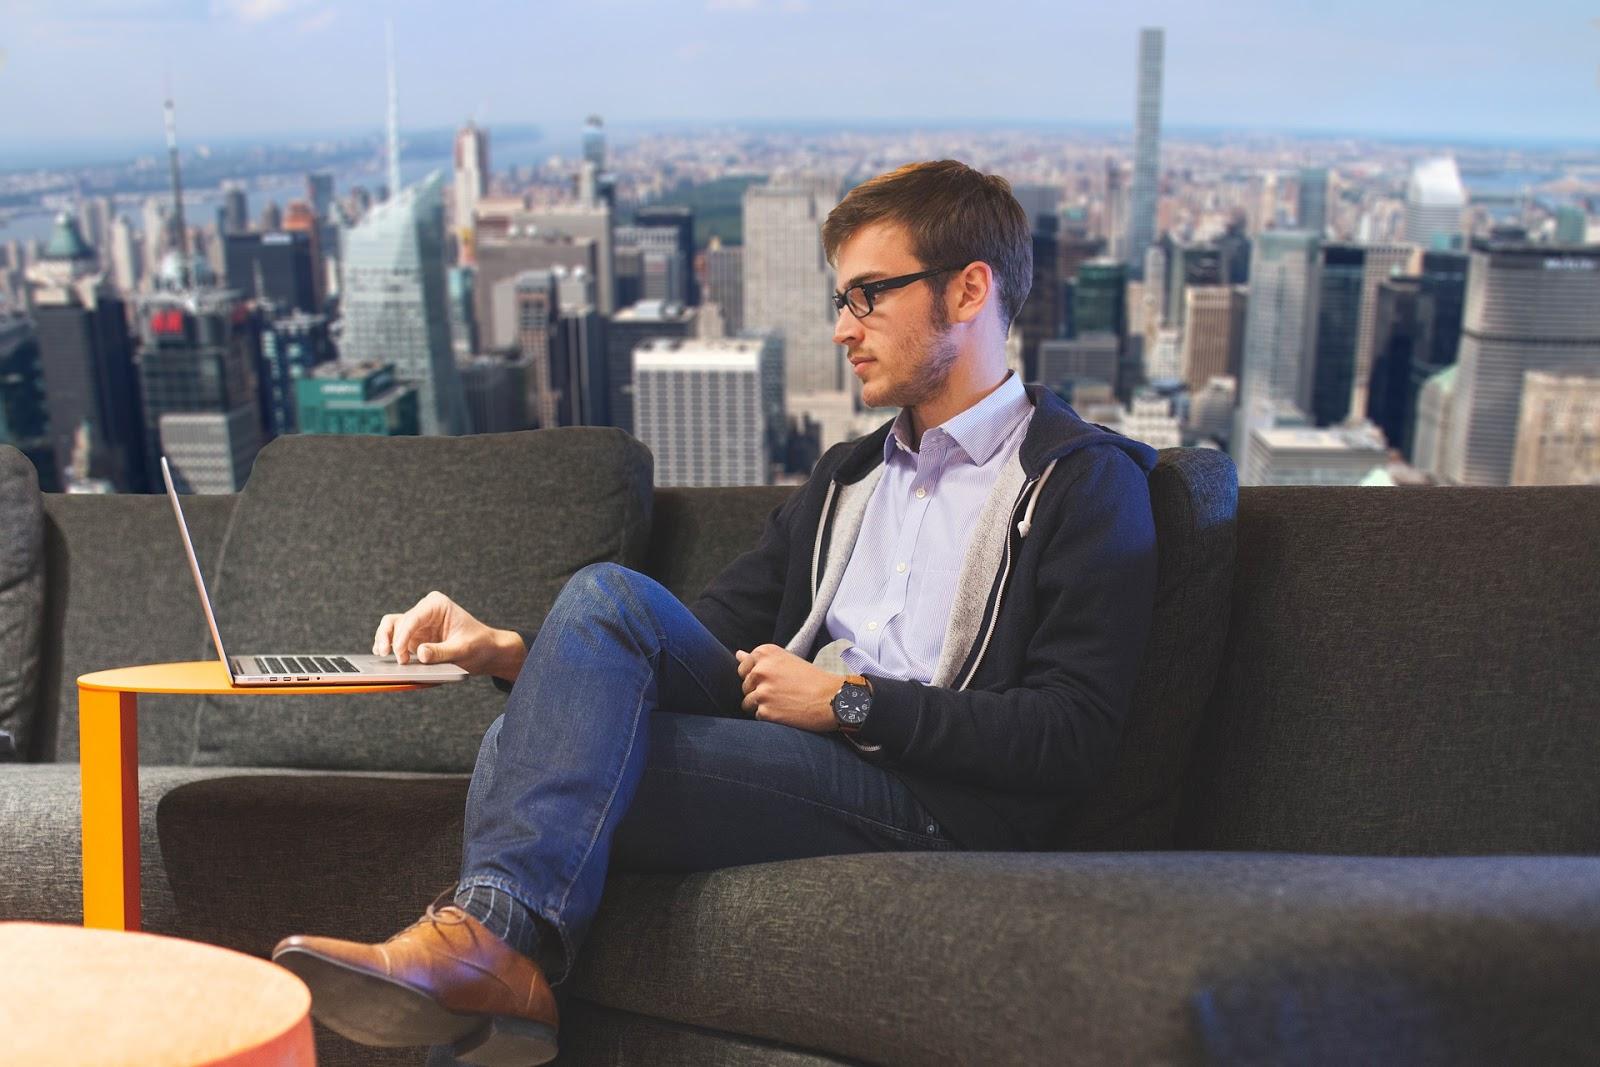 18 Secrets of Successful People